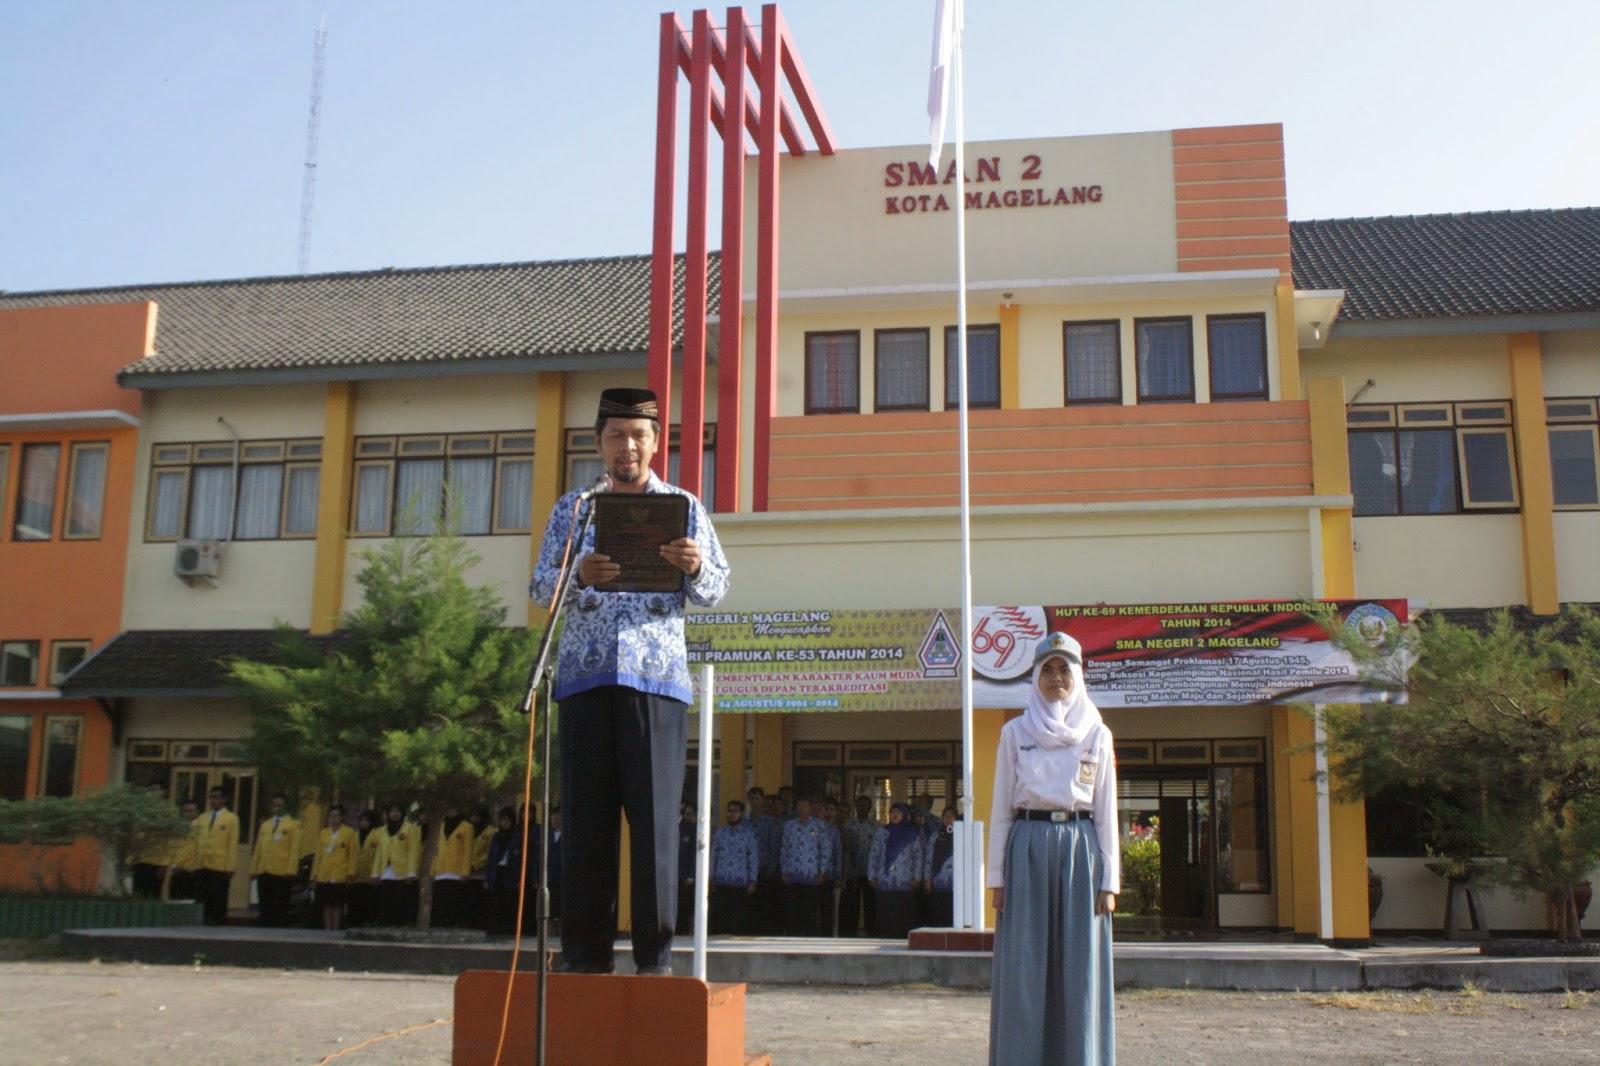 Pembagian Wilayah Zonasi Sekolah SMA Negeri Kota magelang